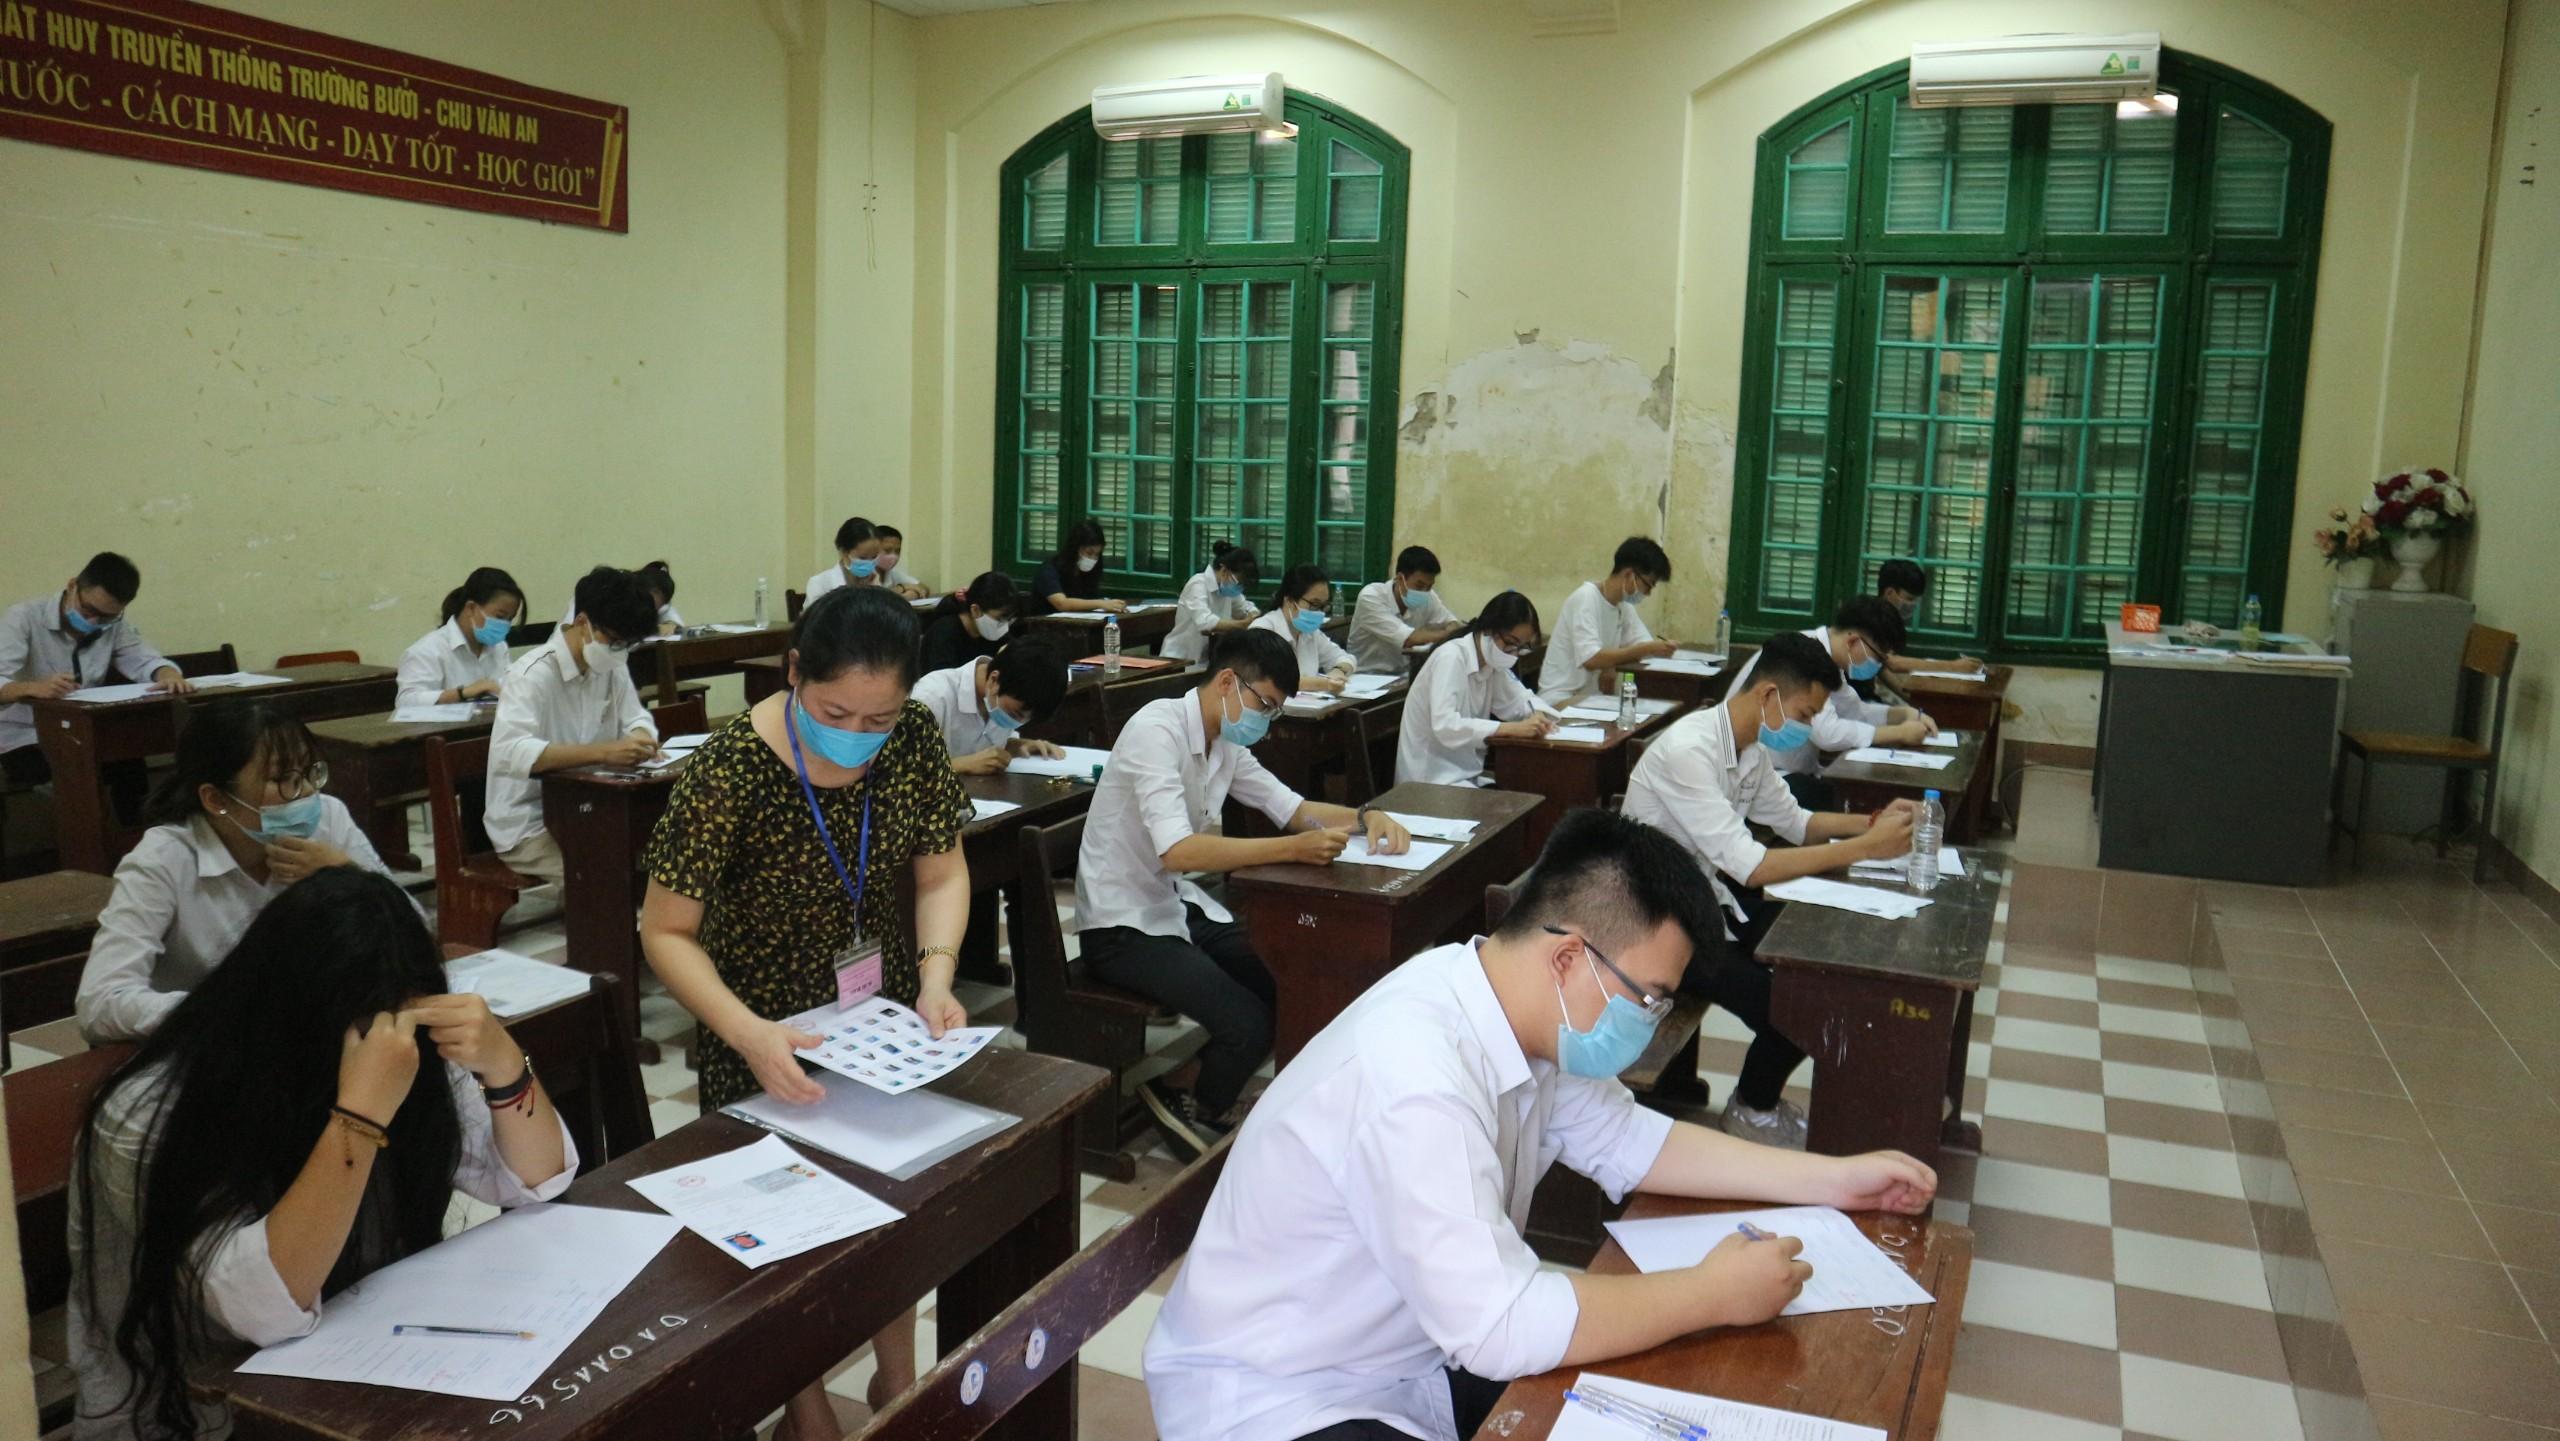 Thí sinh đã hoàn thành ngày thi đầu tiên với 2 môn Văn, Toán.